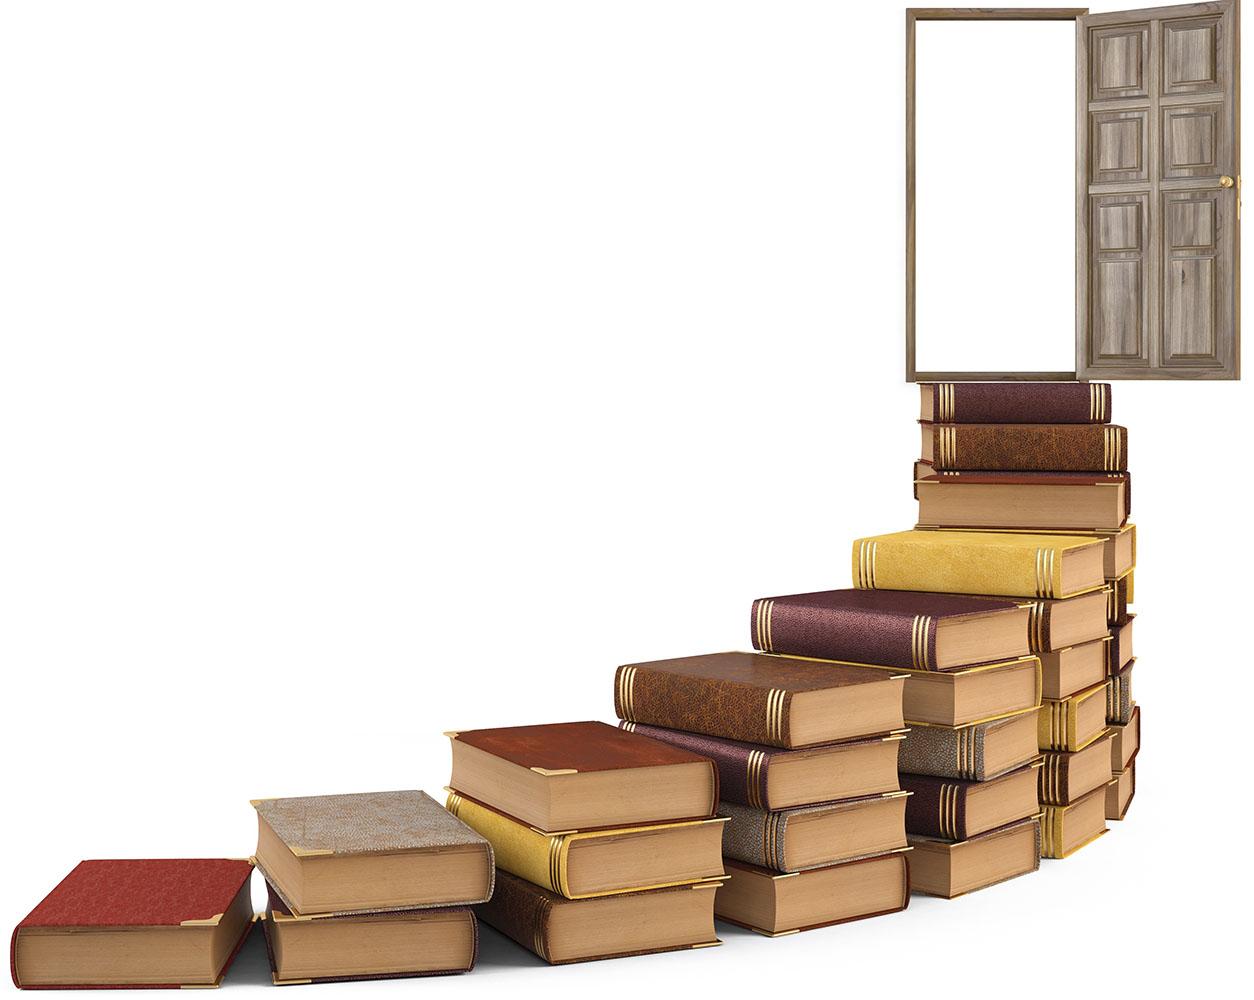 прическа новогодний картинка лестница из книг есть ограничения